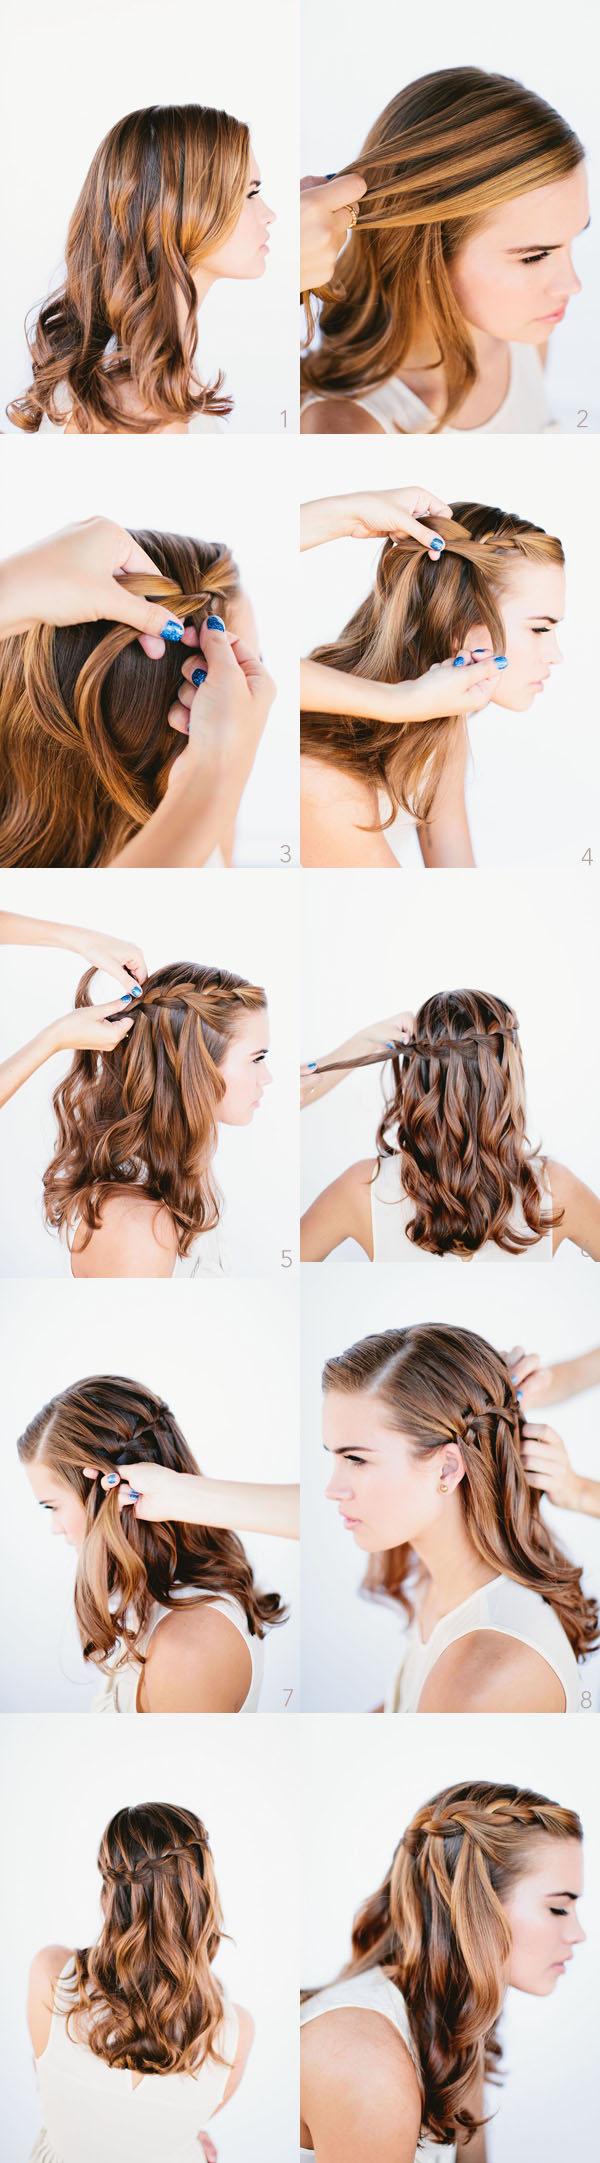 Half-up-half-down-hairstyle-tutorials-14